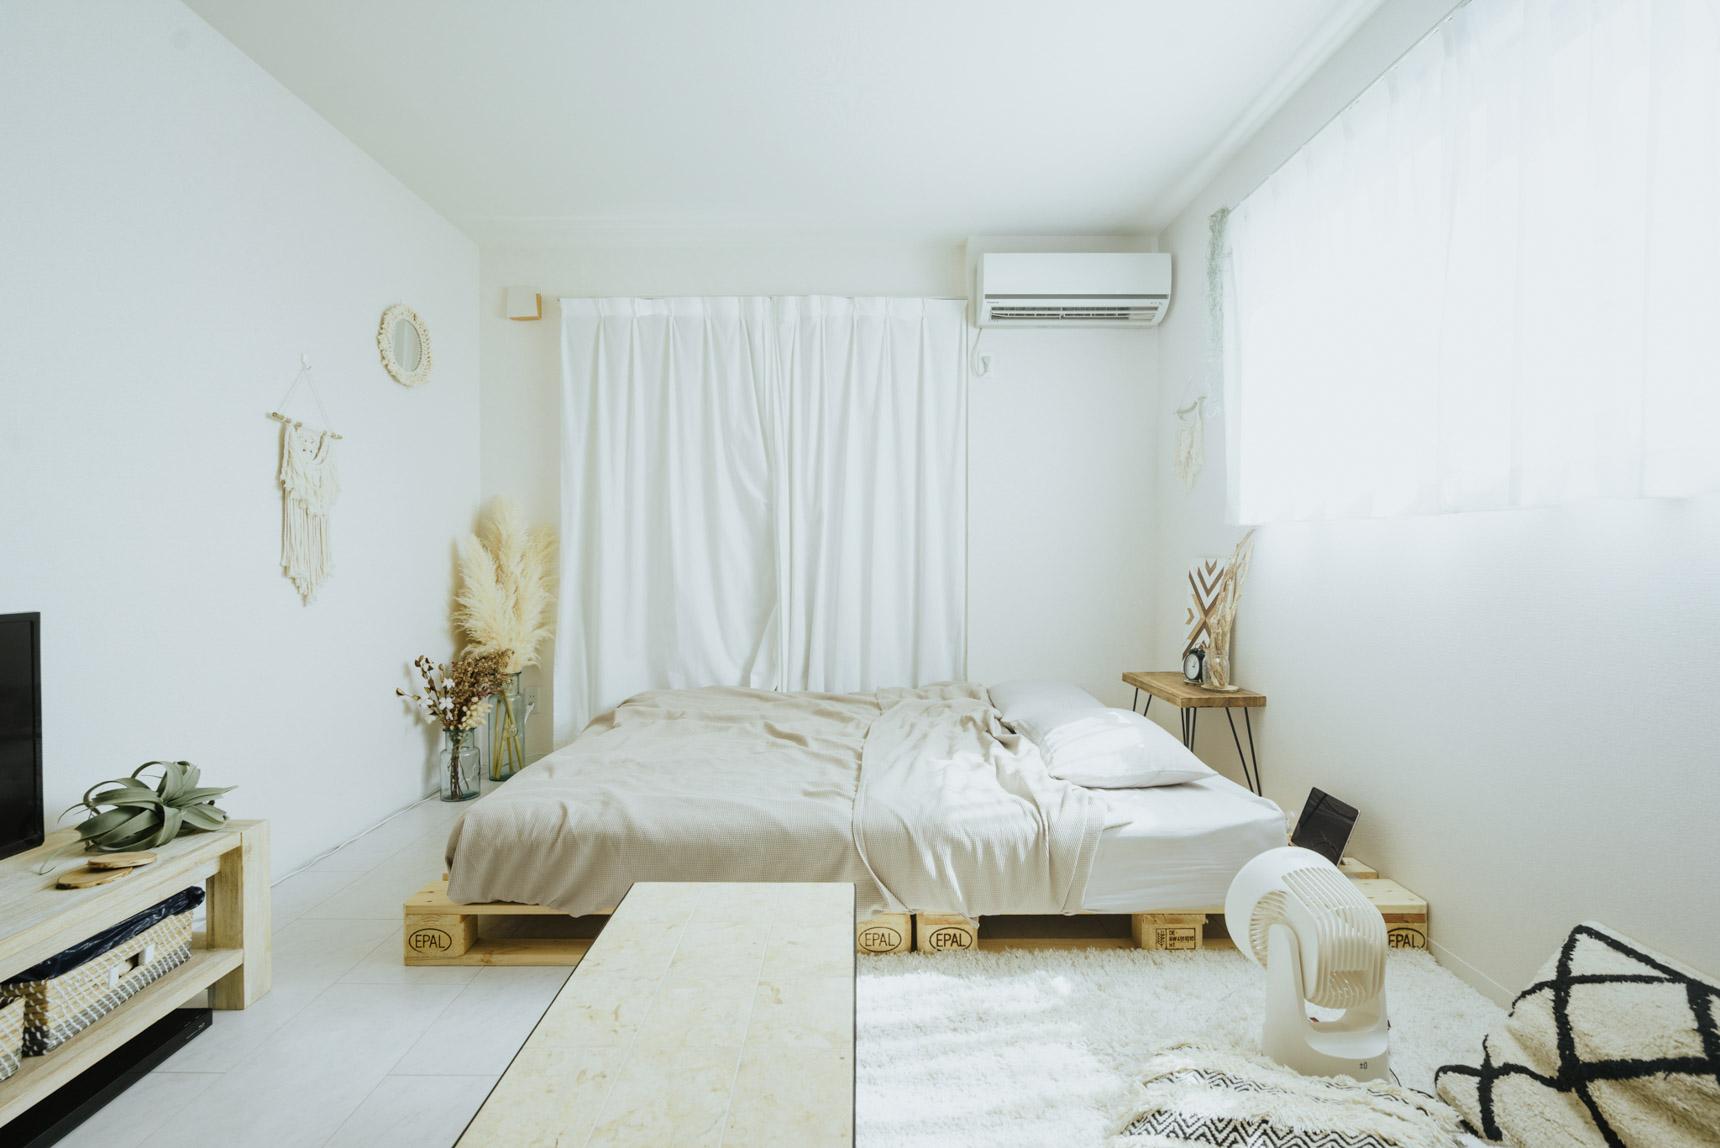 白いテイストで整えられた1Kタイプのお部屋。ラグももちろん白のもので統一。